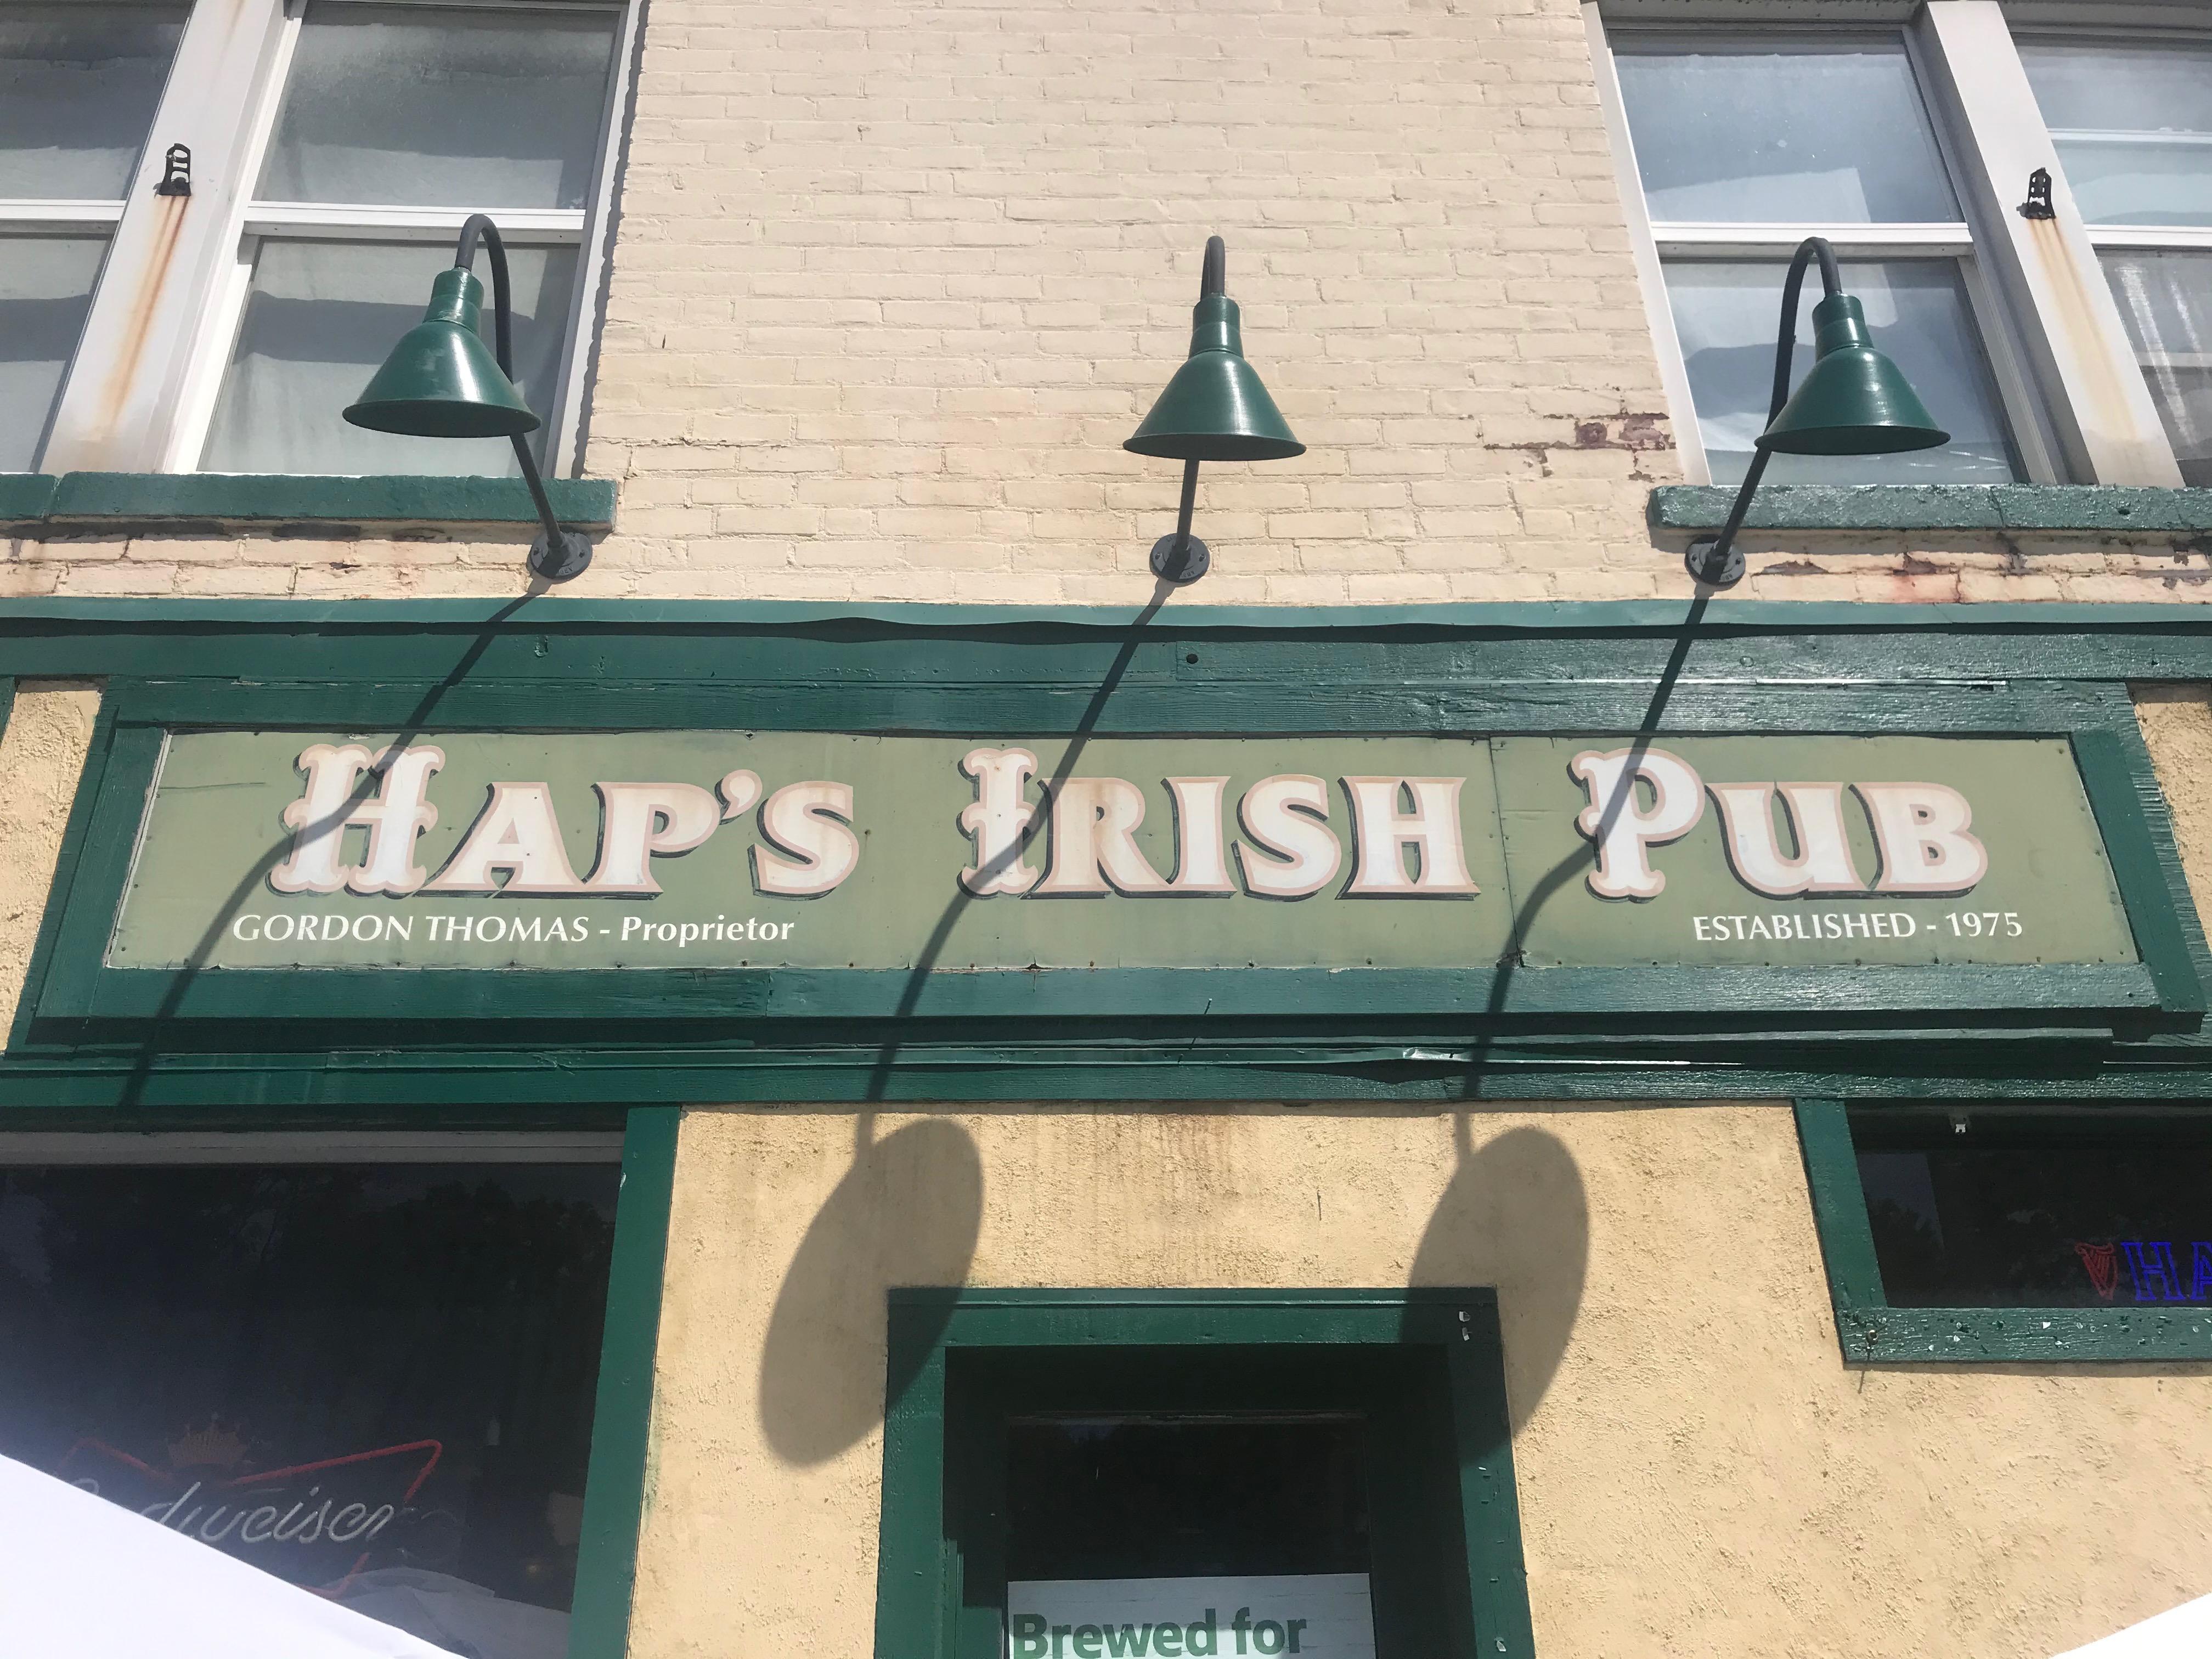 Hap's Irish Pub